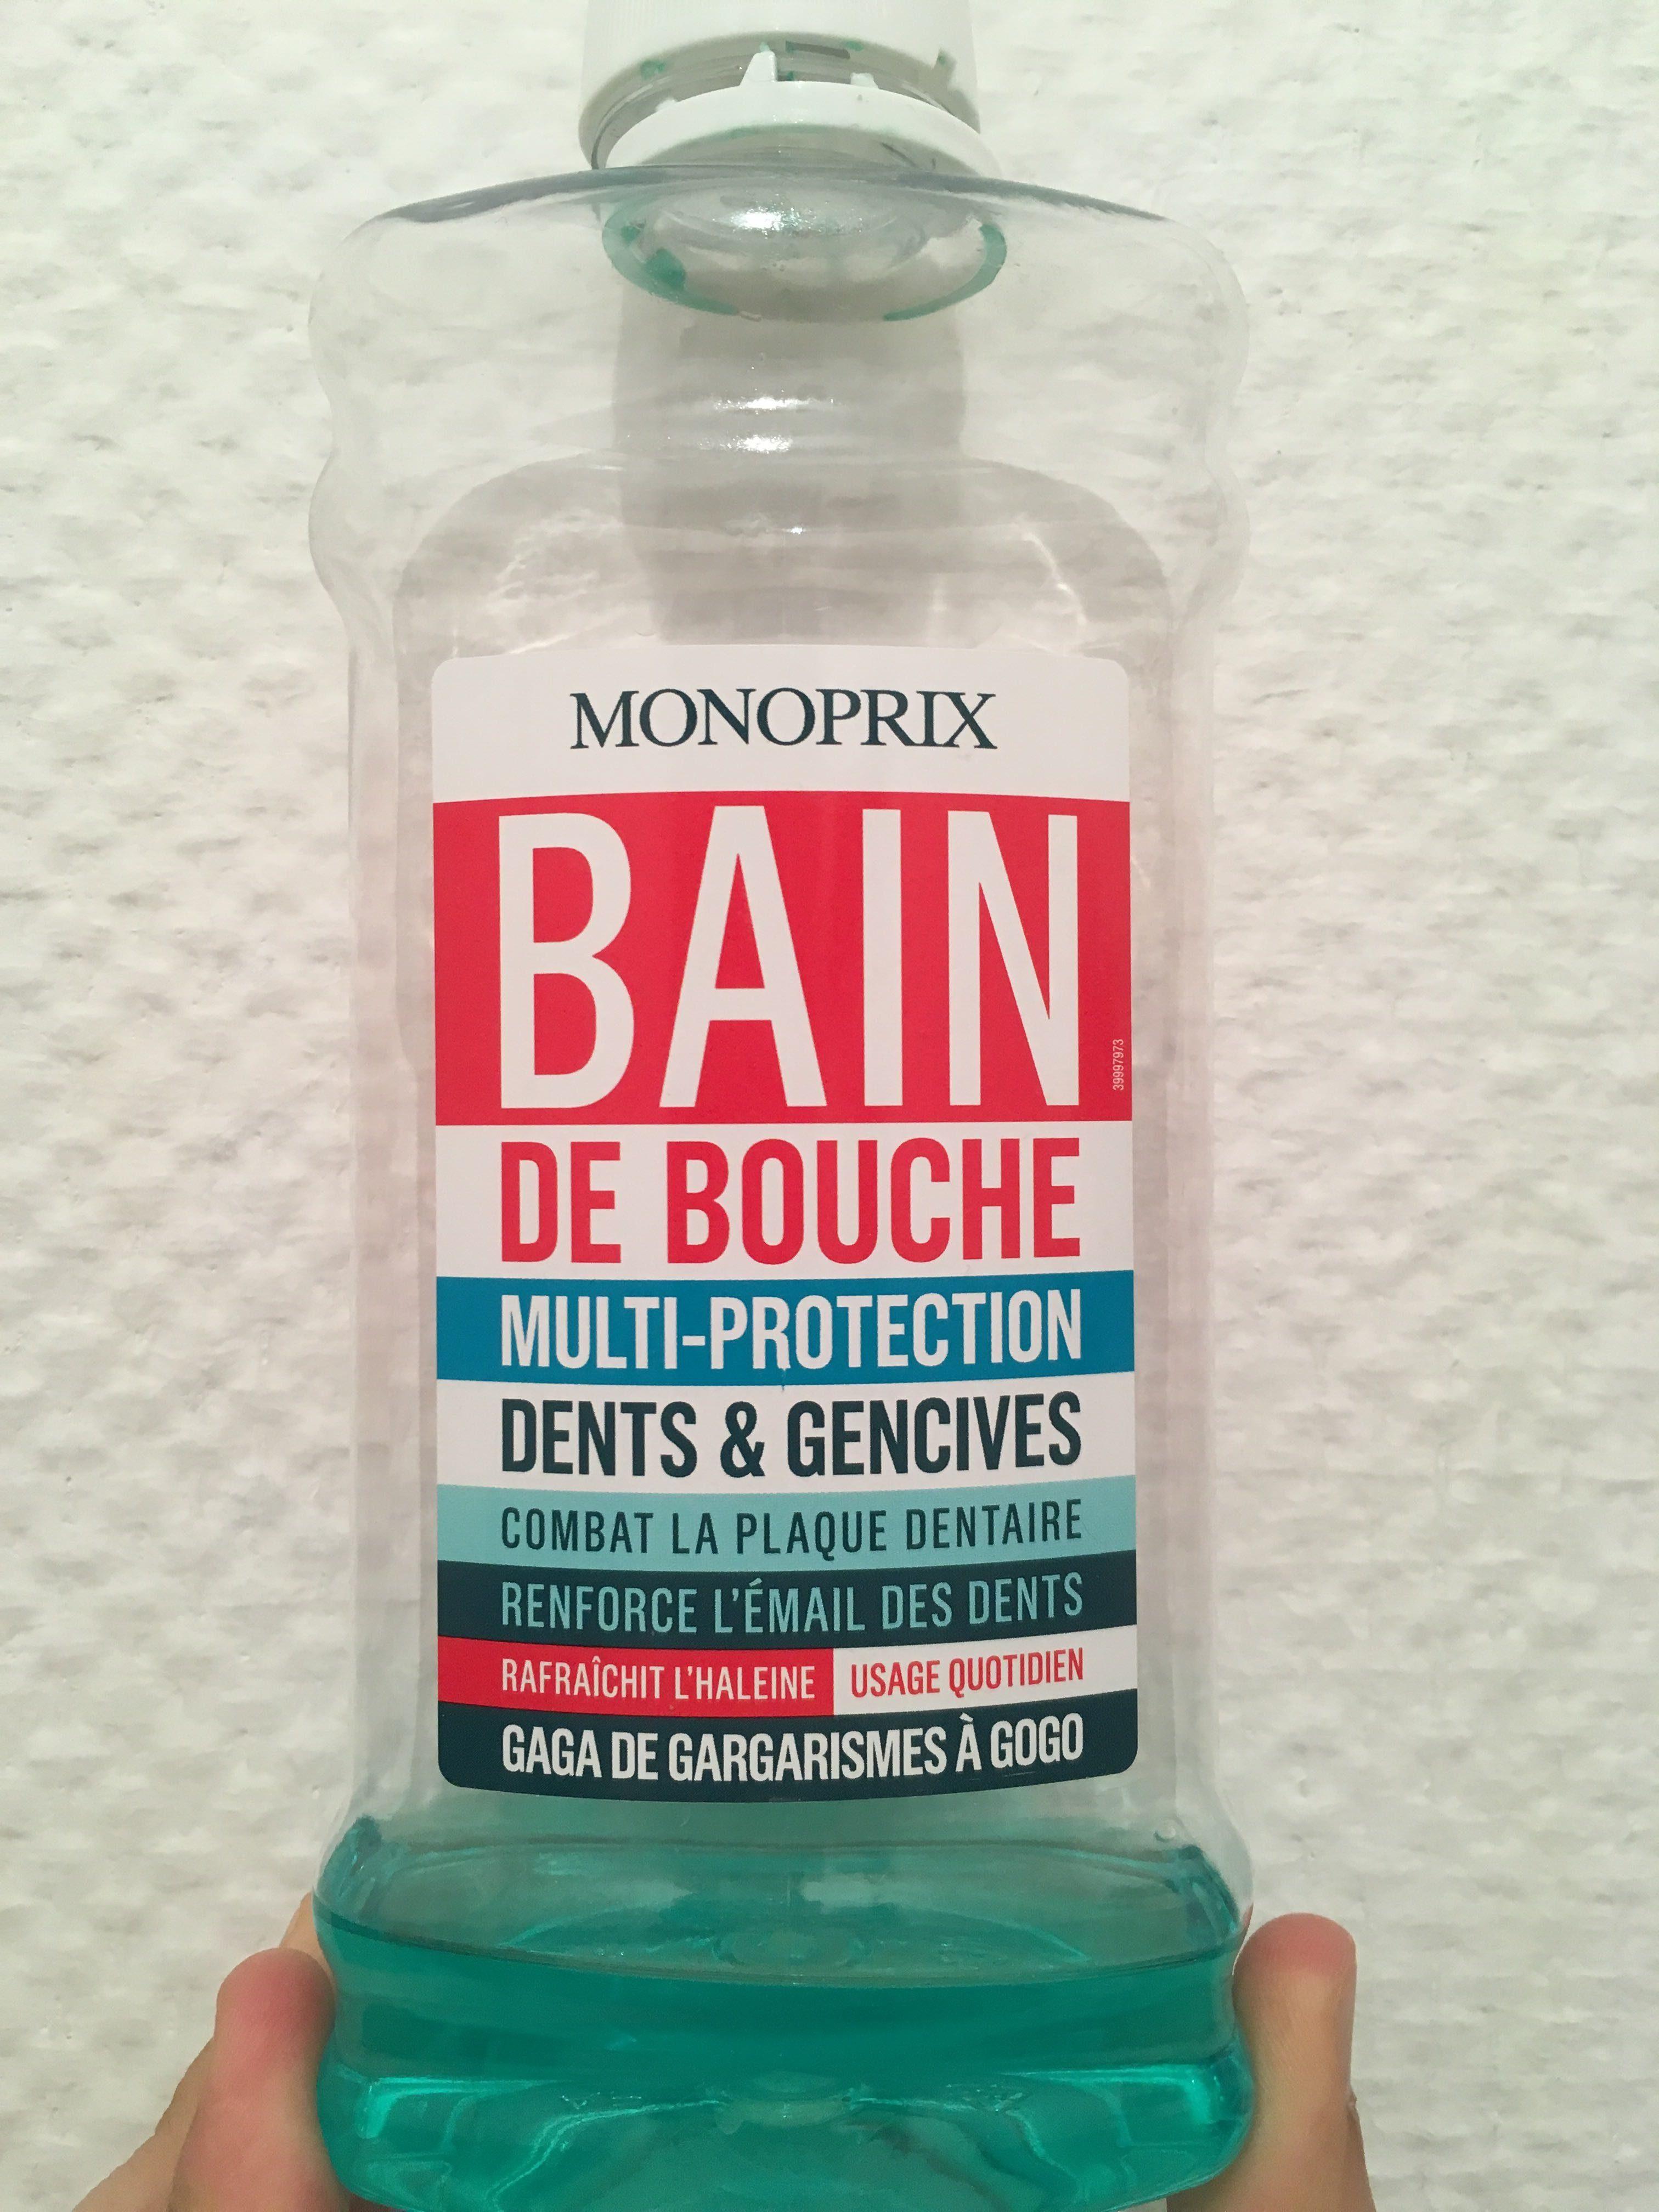 Bain de bouche dents et gencives - Product